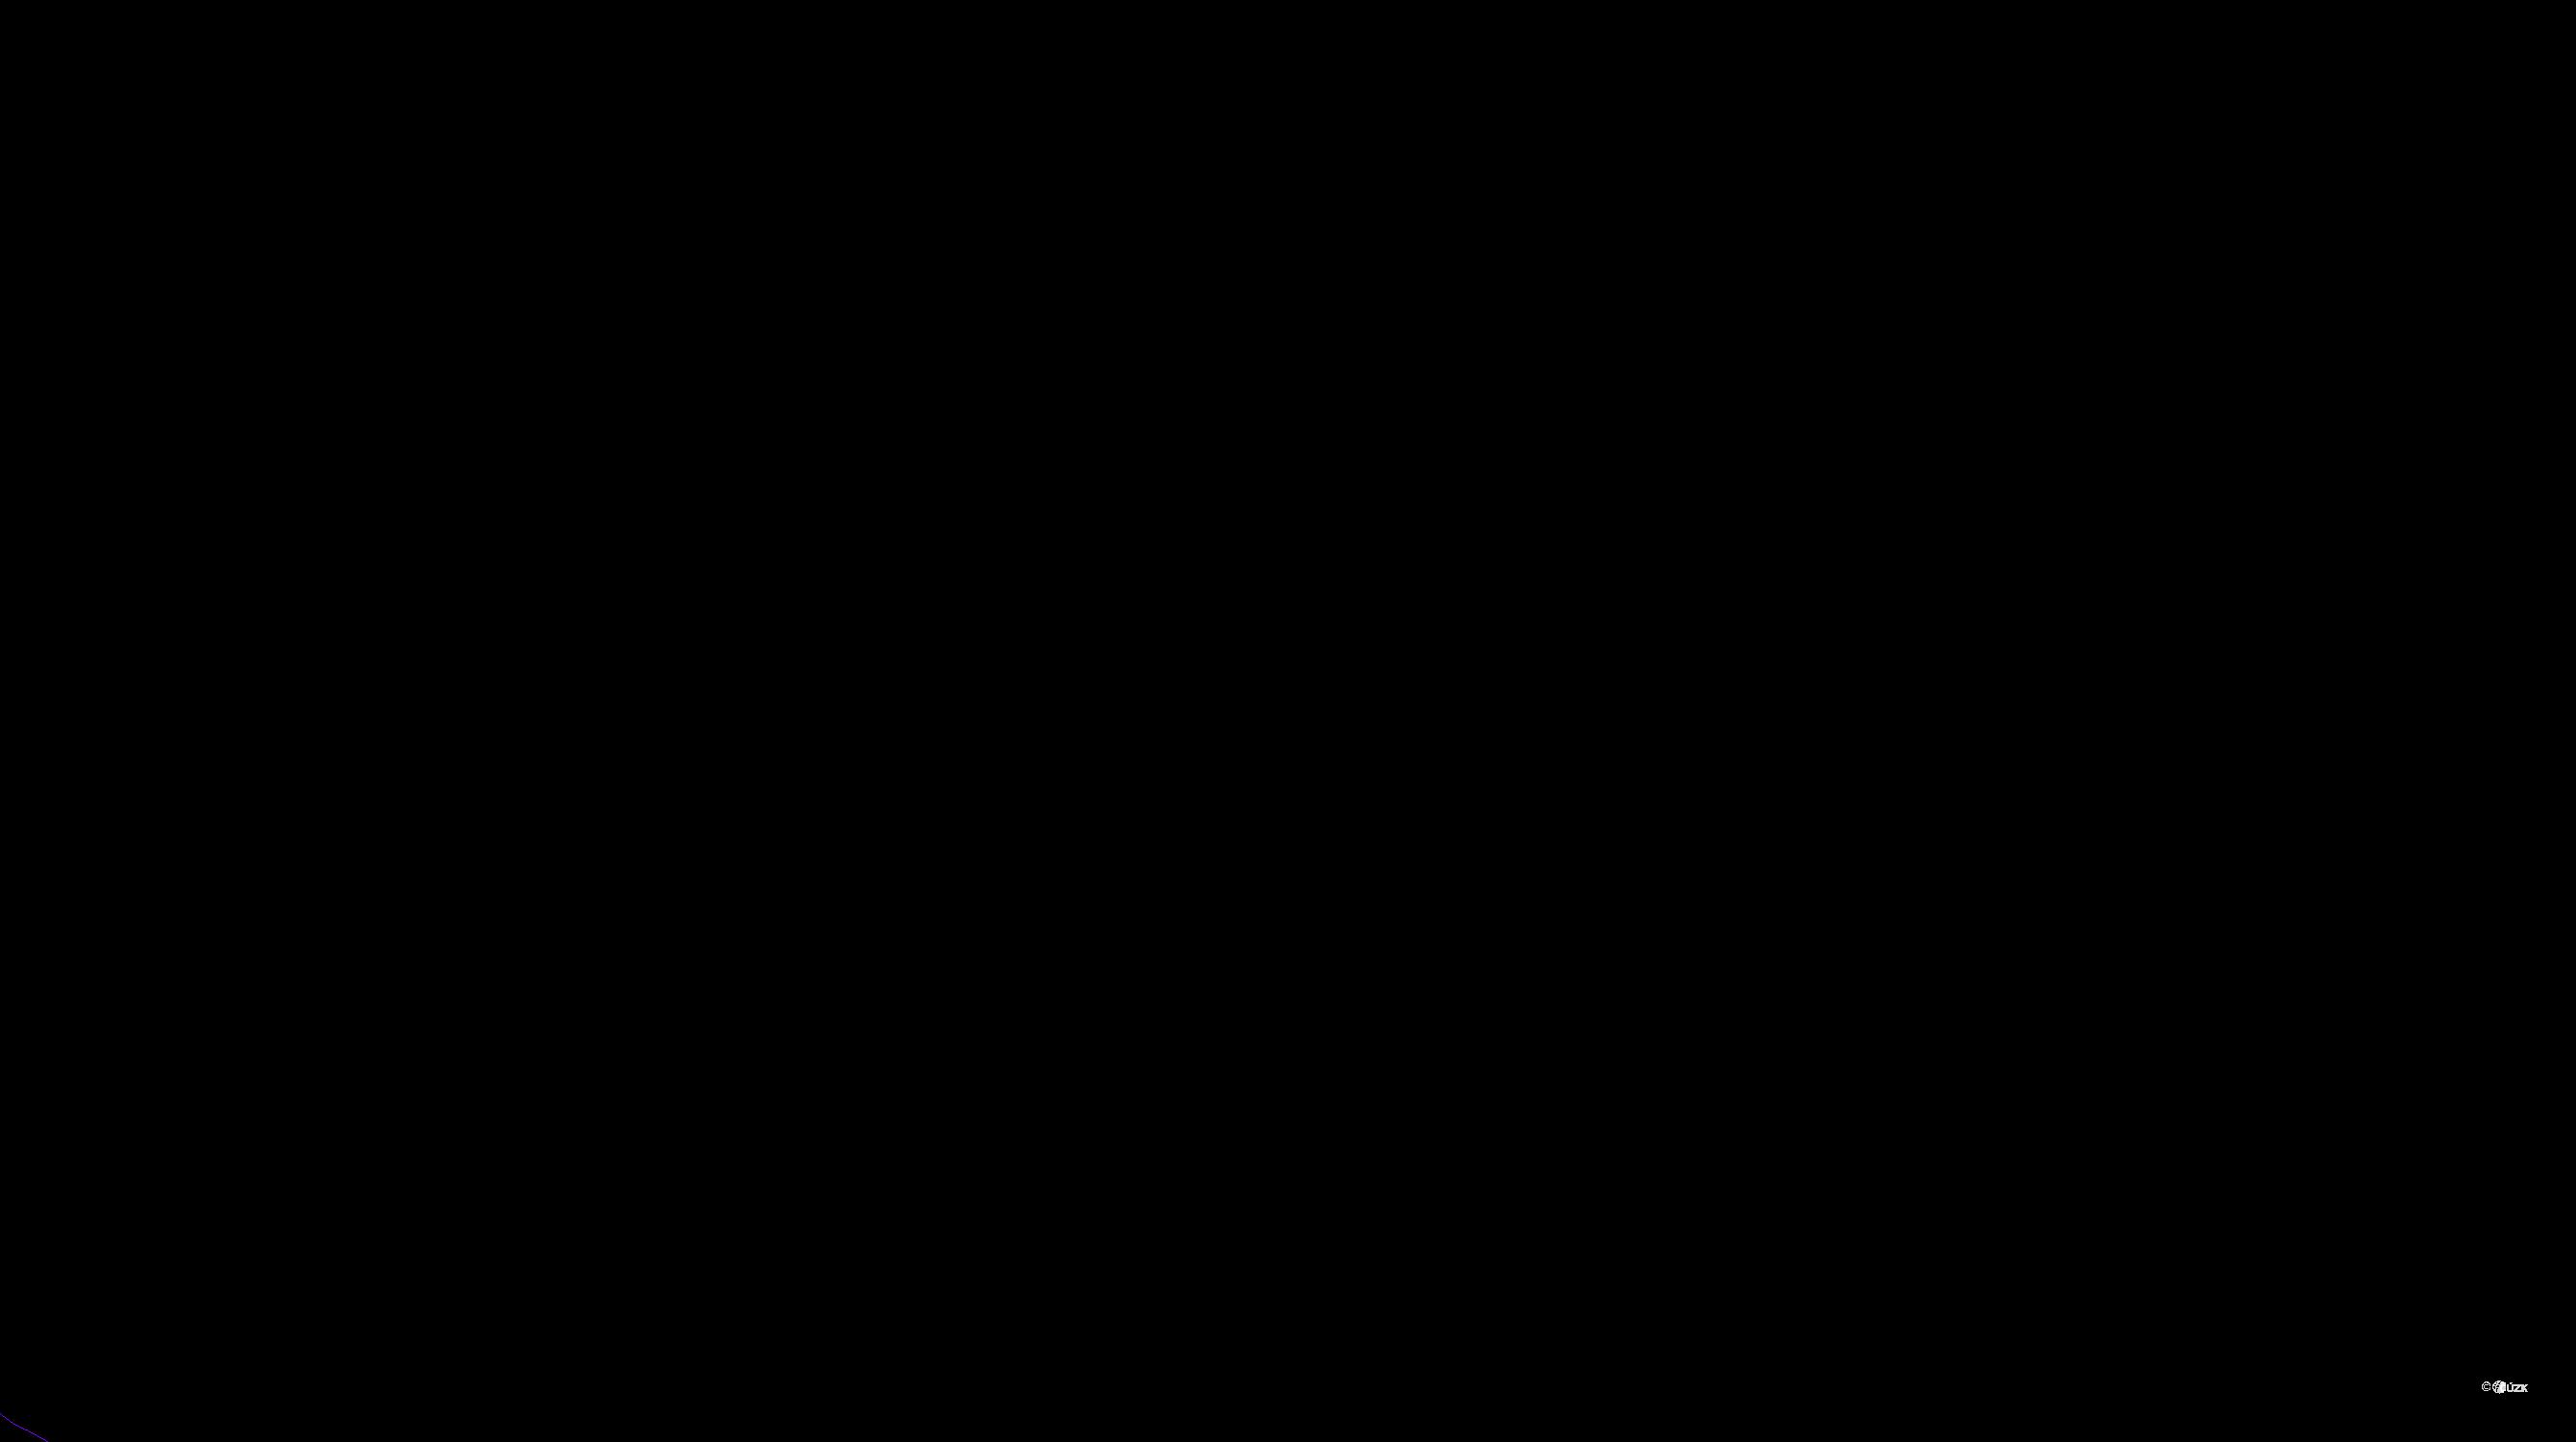 Katastrální mapa pozemků a čísla parcel Víckov